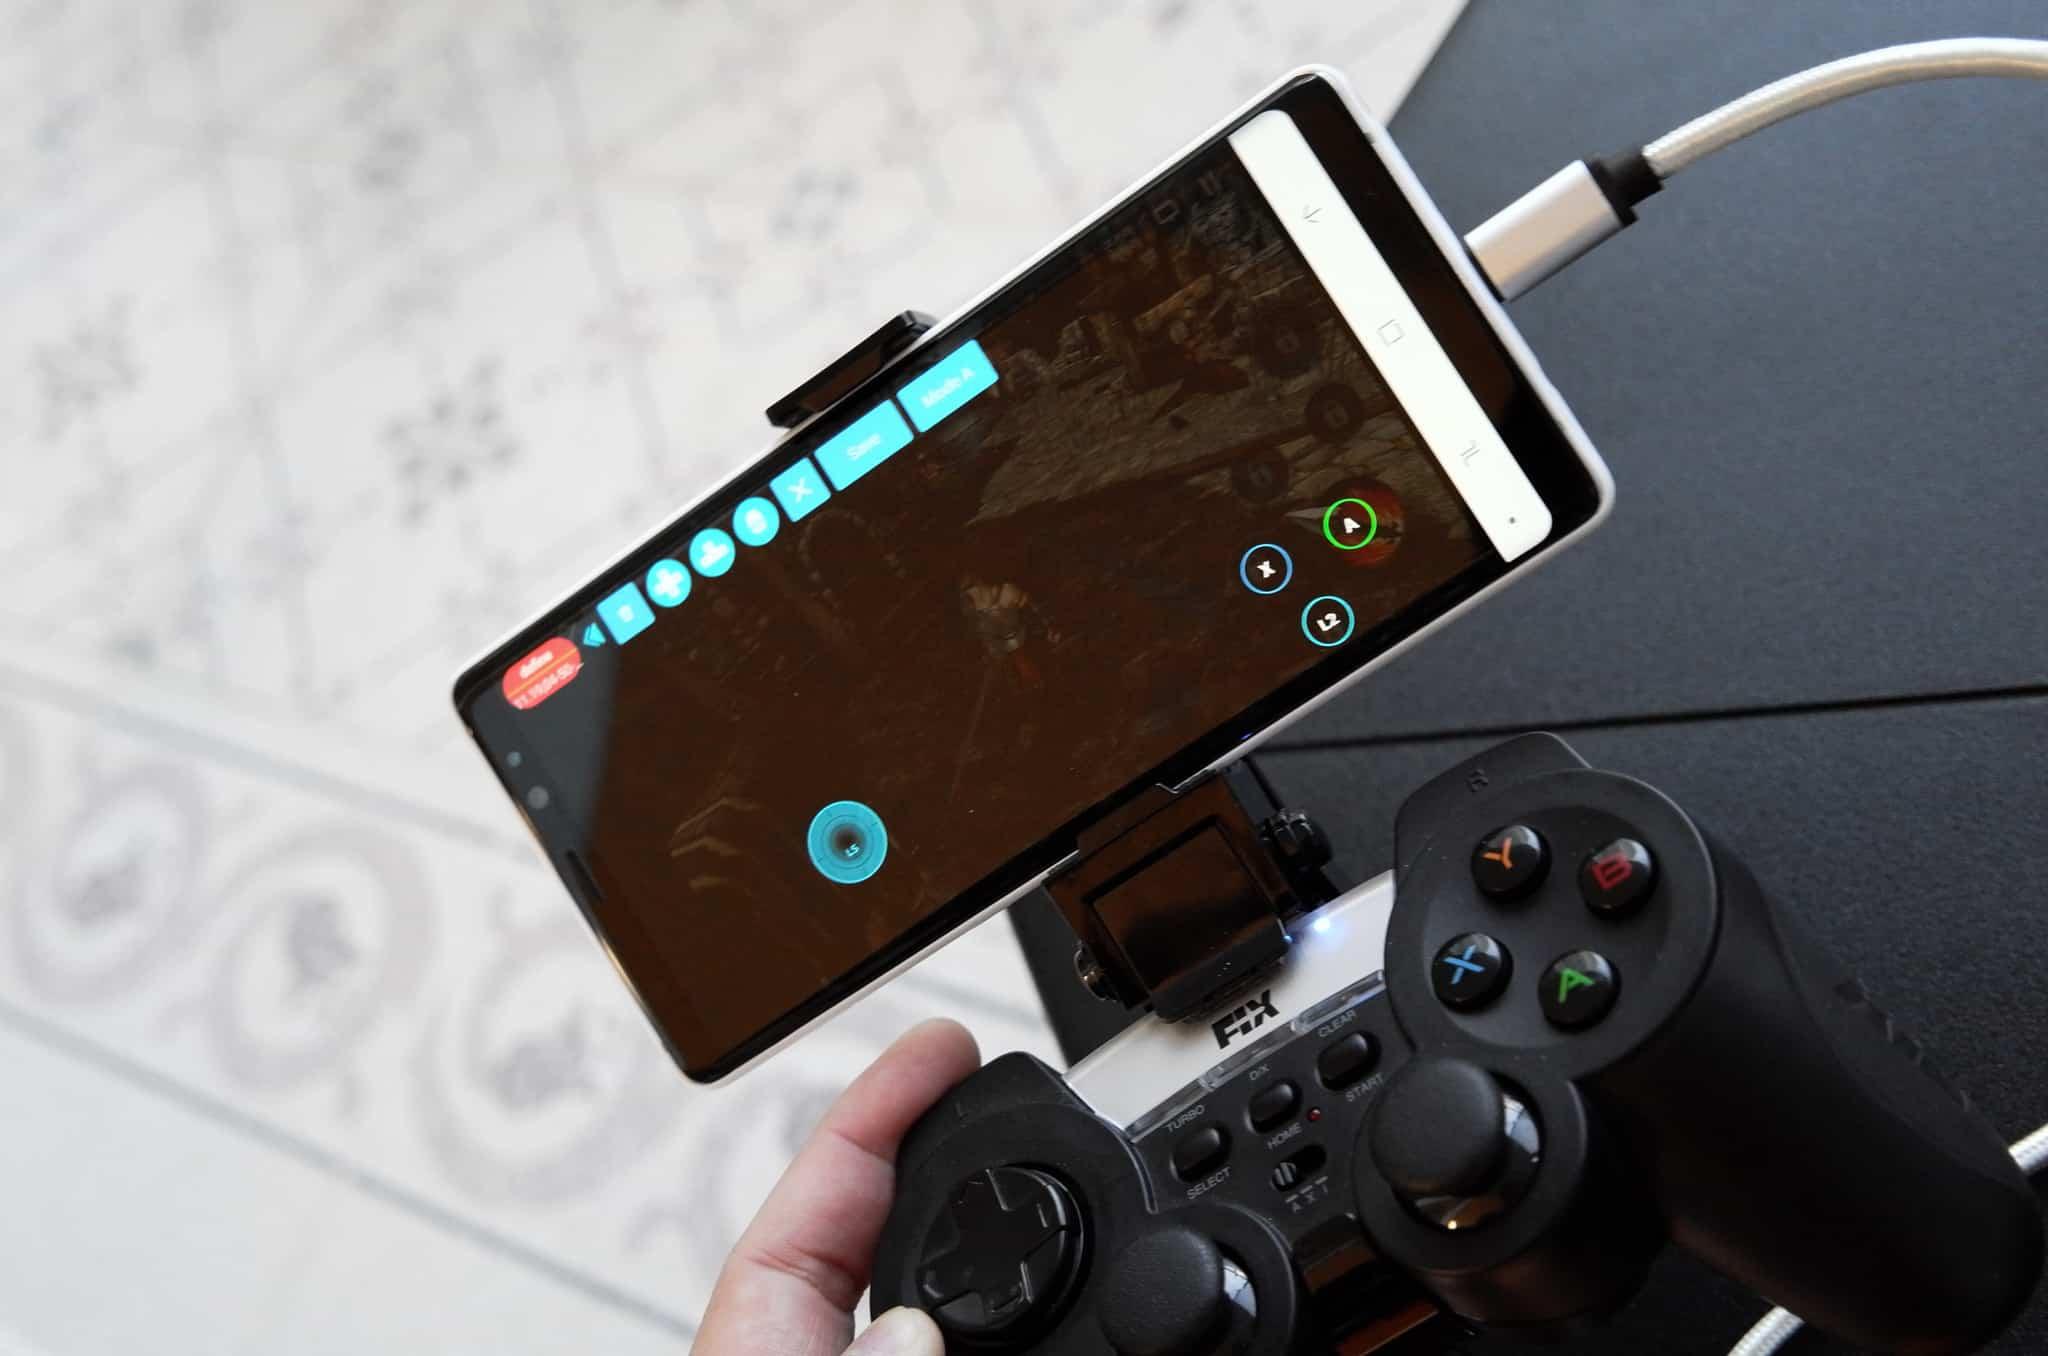 Imagem mostra uma mão segurando um gamepad com um smartphone acoplado.